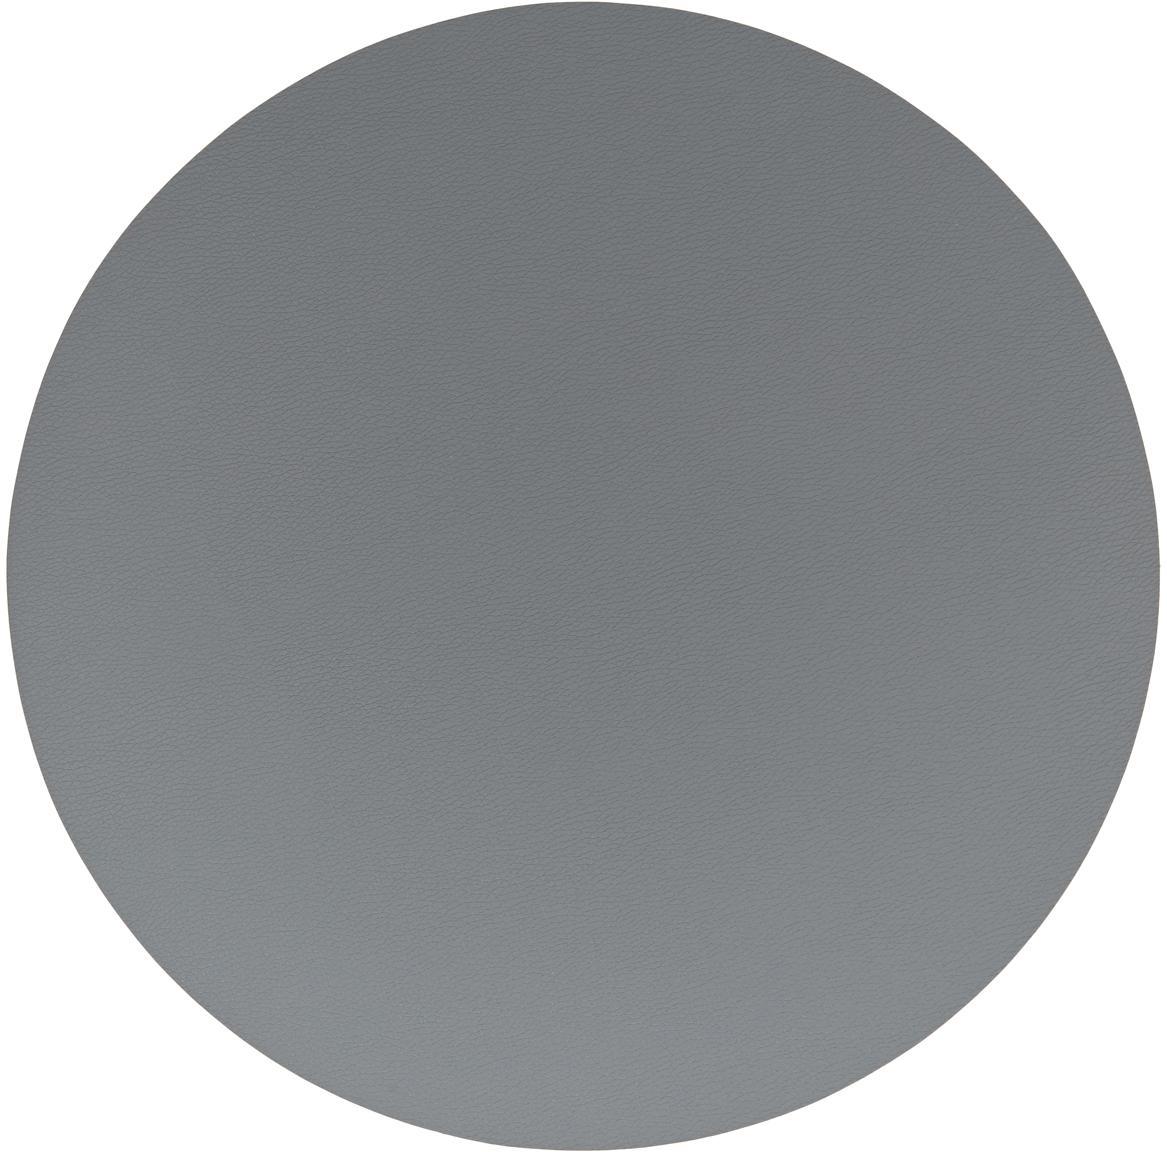 Ronde kunstleren placemats Asia, 2 stuks, Kunstleer (PVC), Antraciet, Ø 38 cm